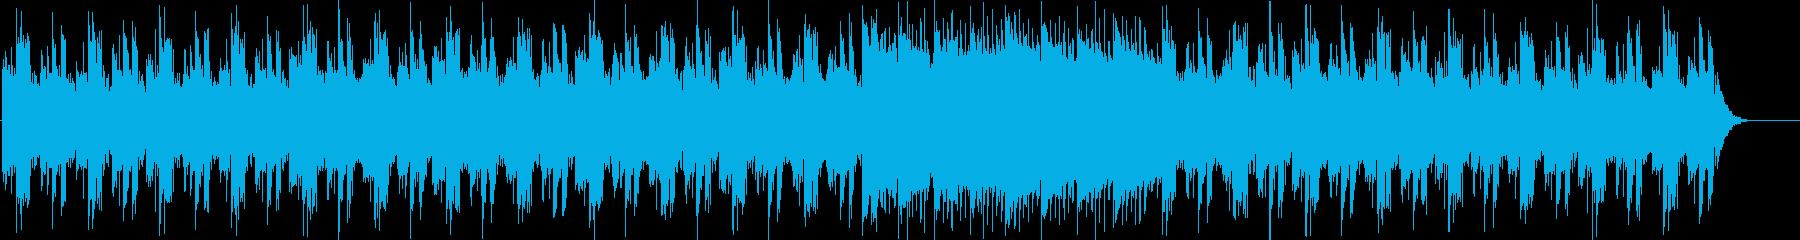 未来的でスタイリッシュなBGMの再生済みの波形